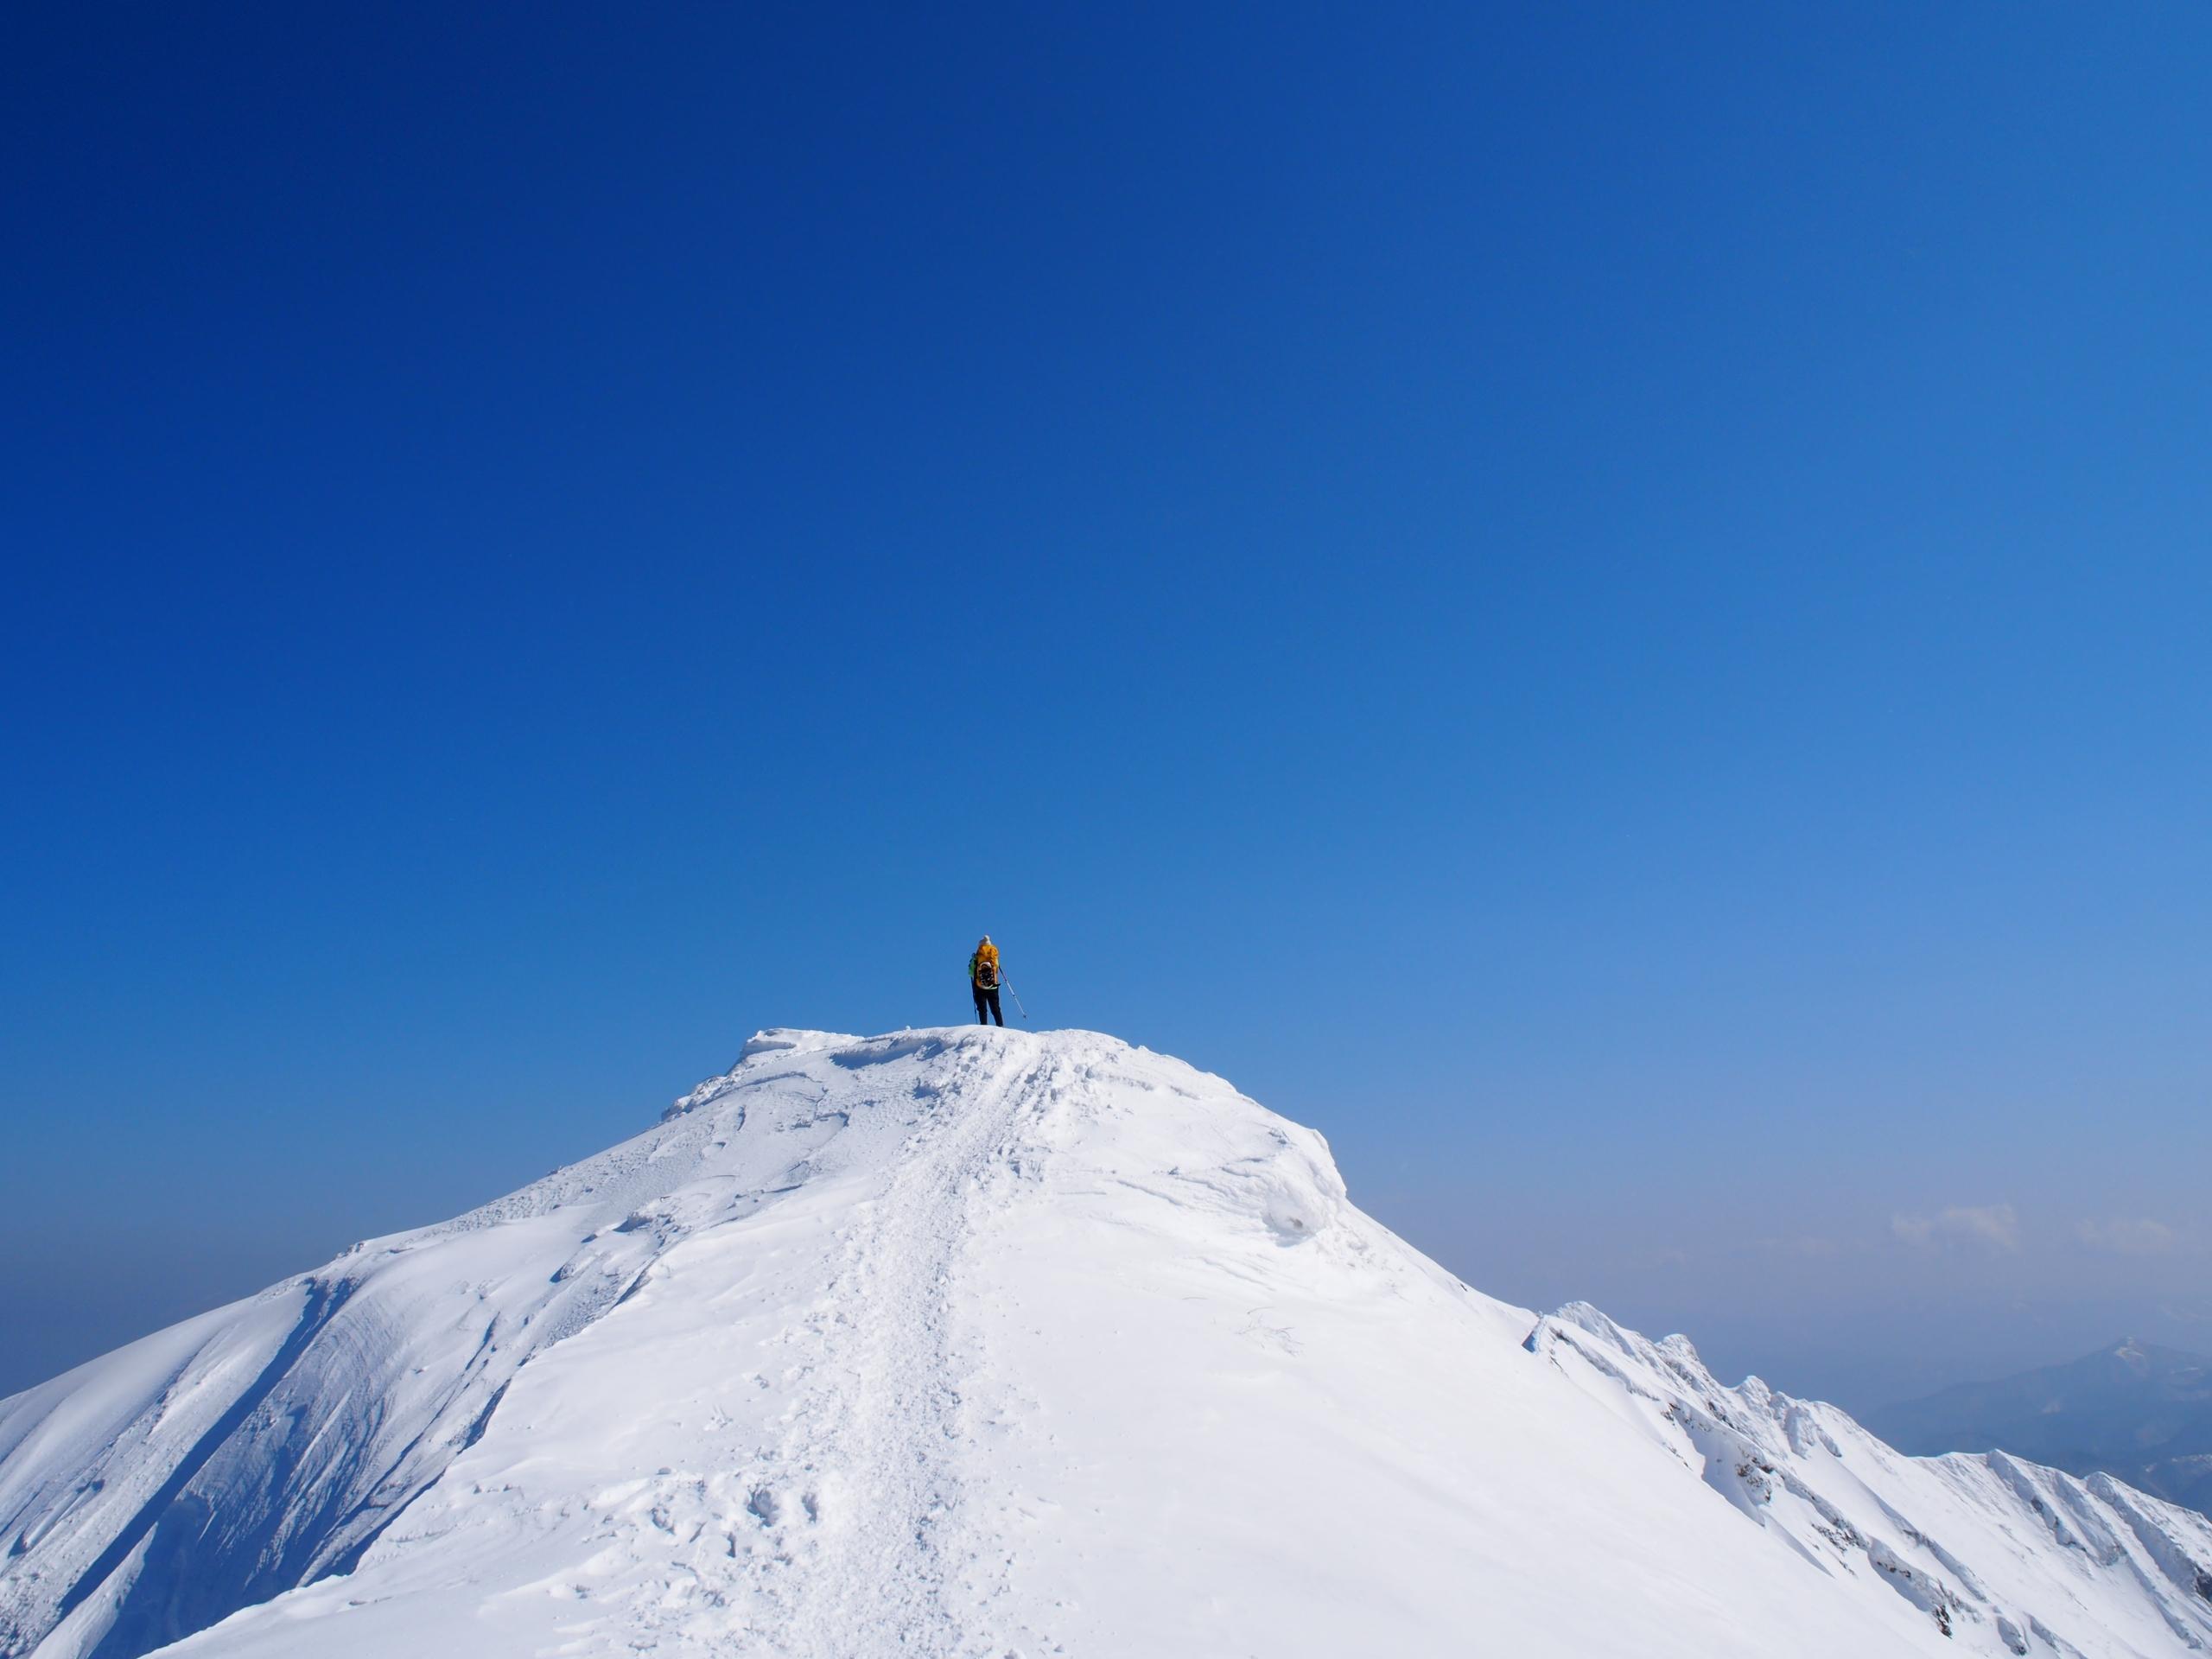 ここからの剣ケ峰最高の絶景でした